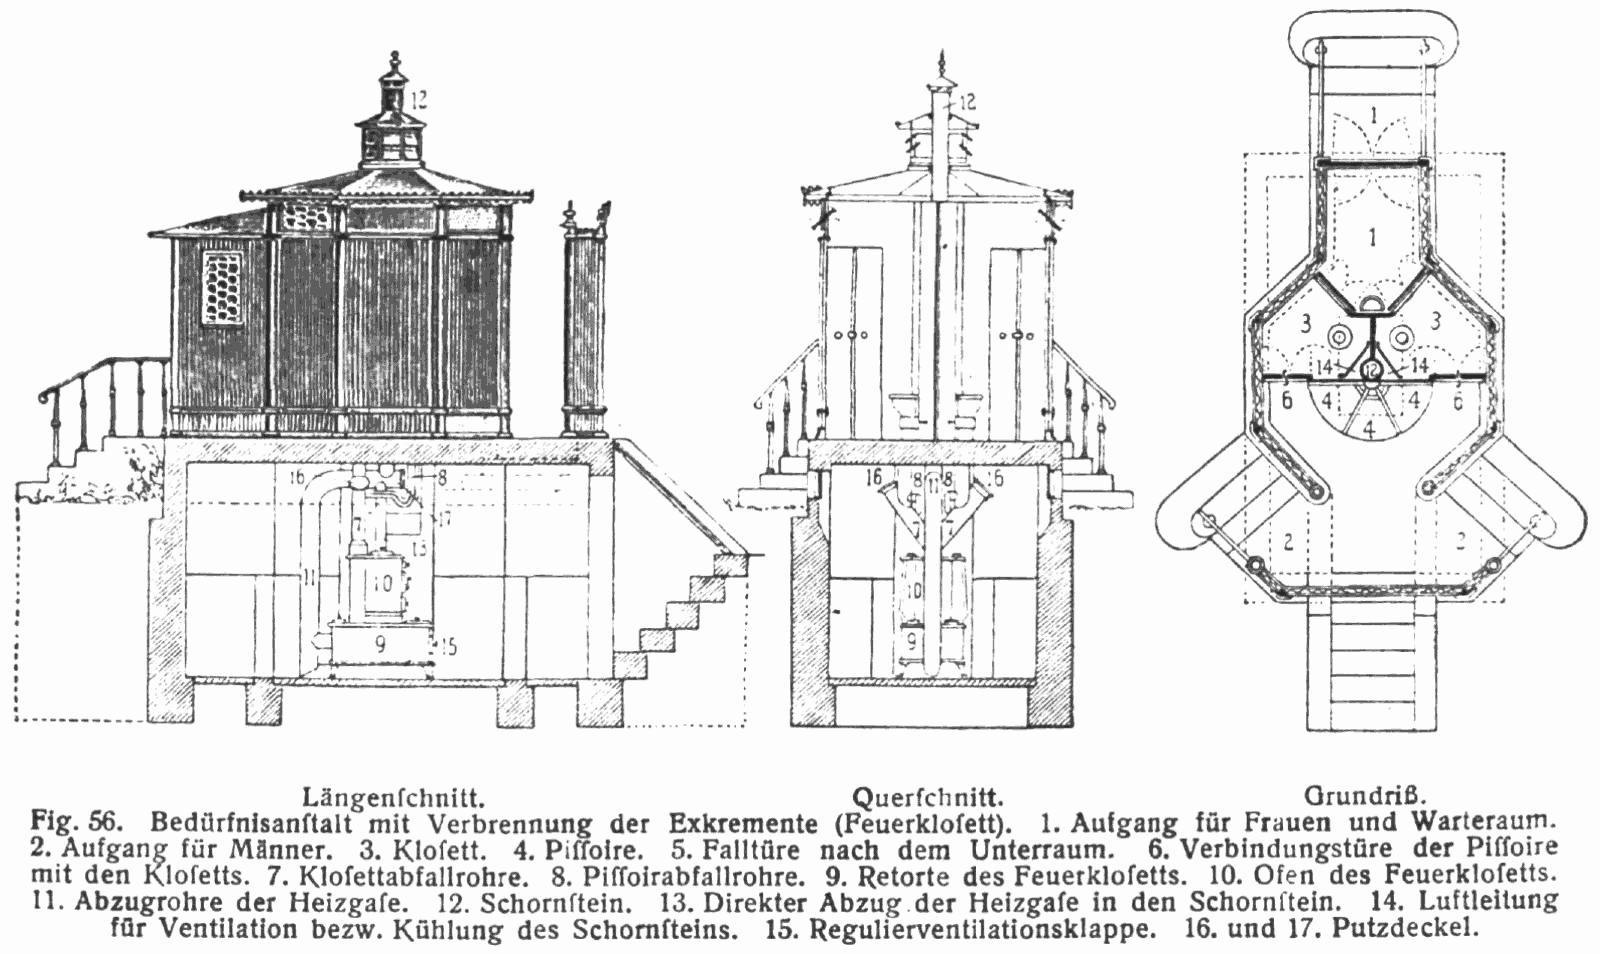 Feuerklosett Wikipedia